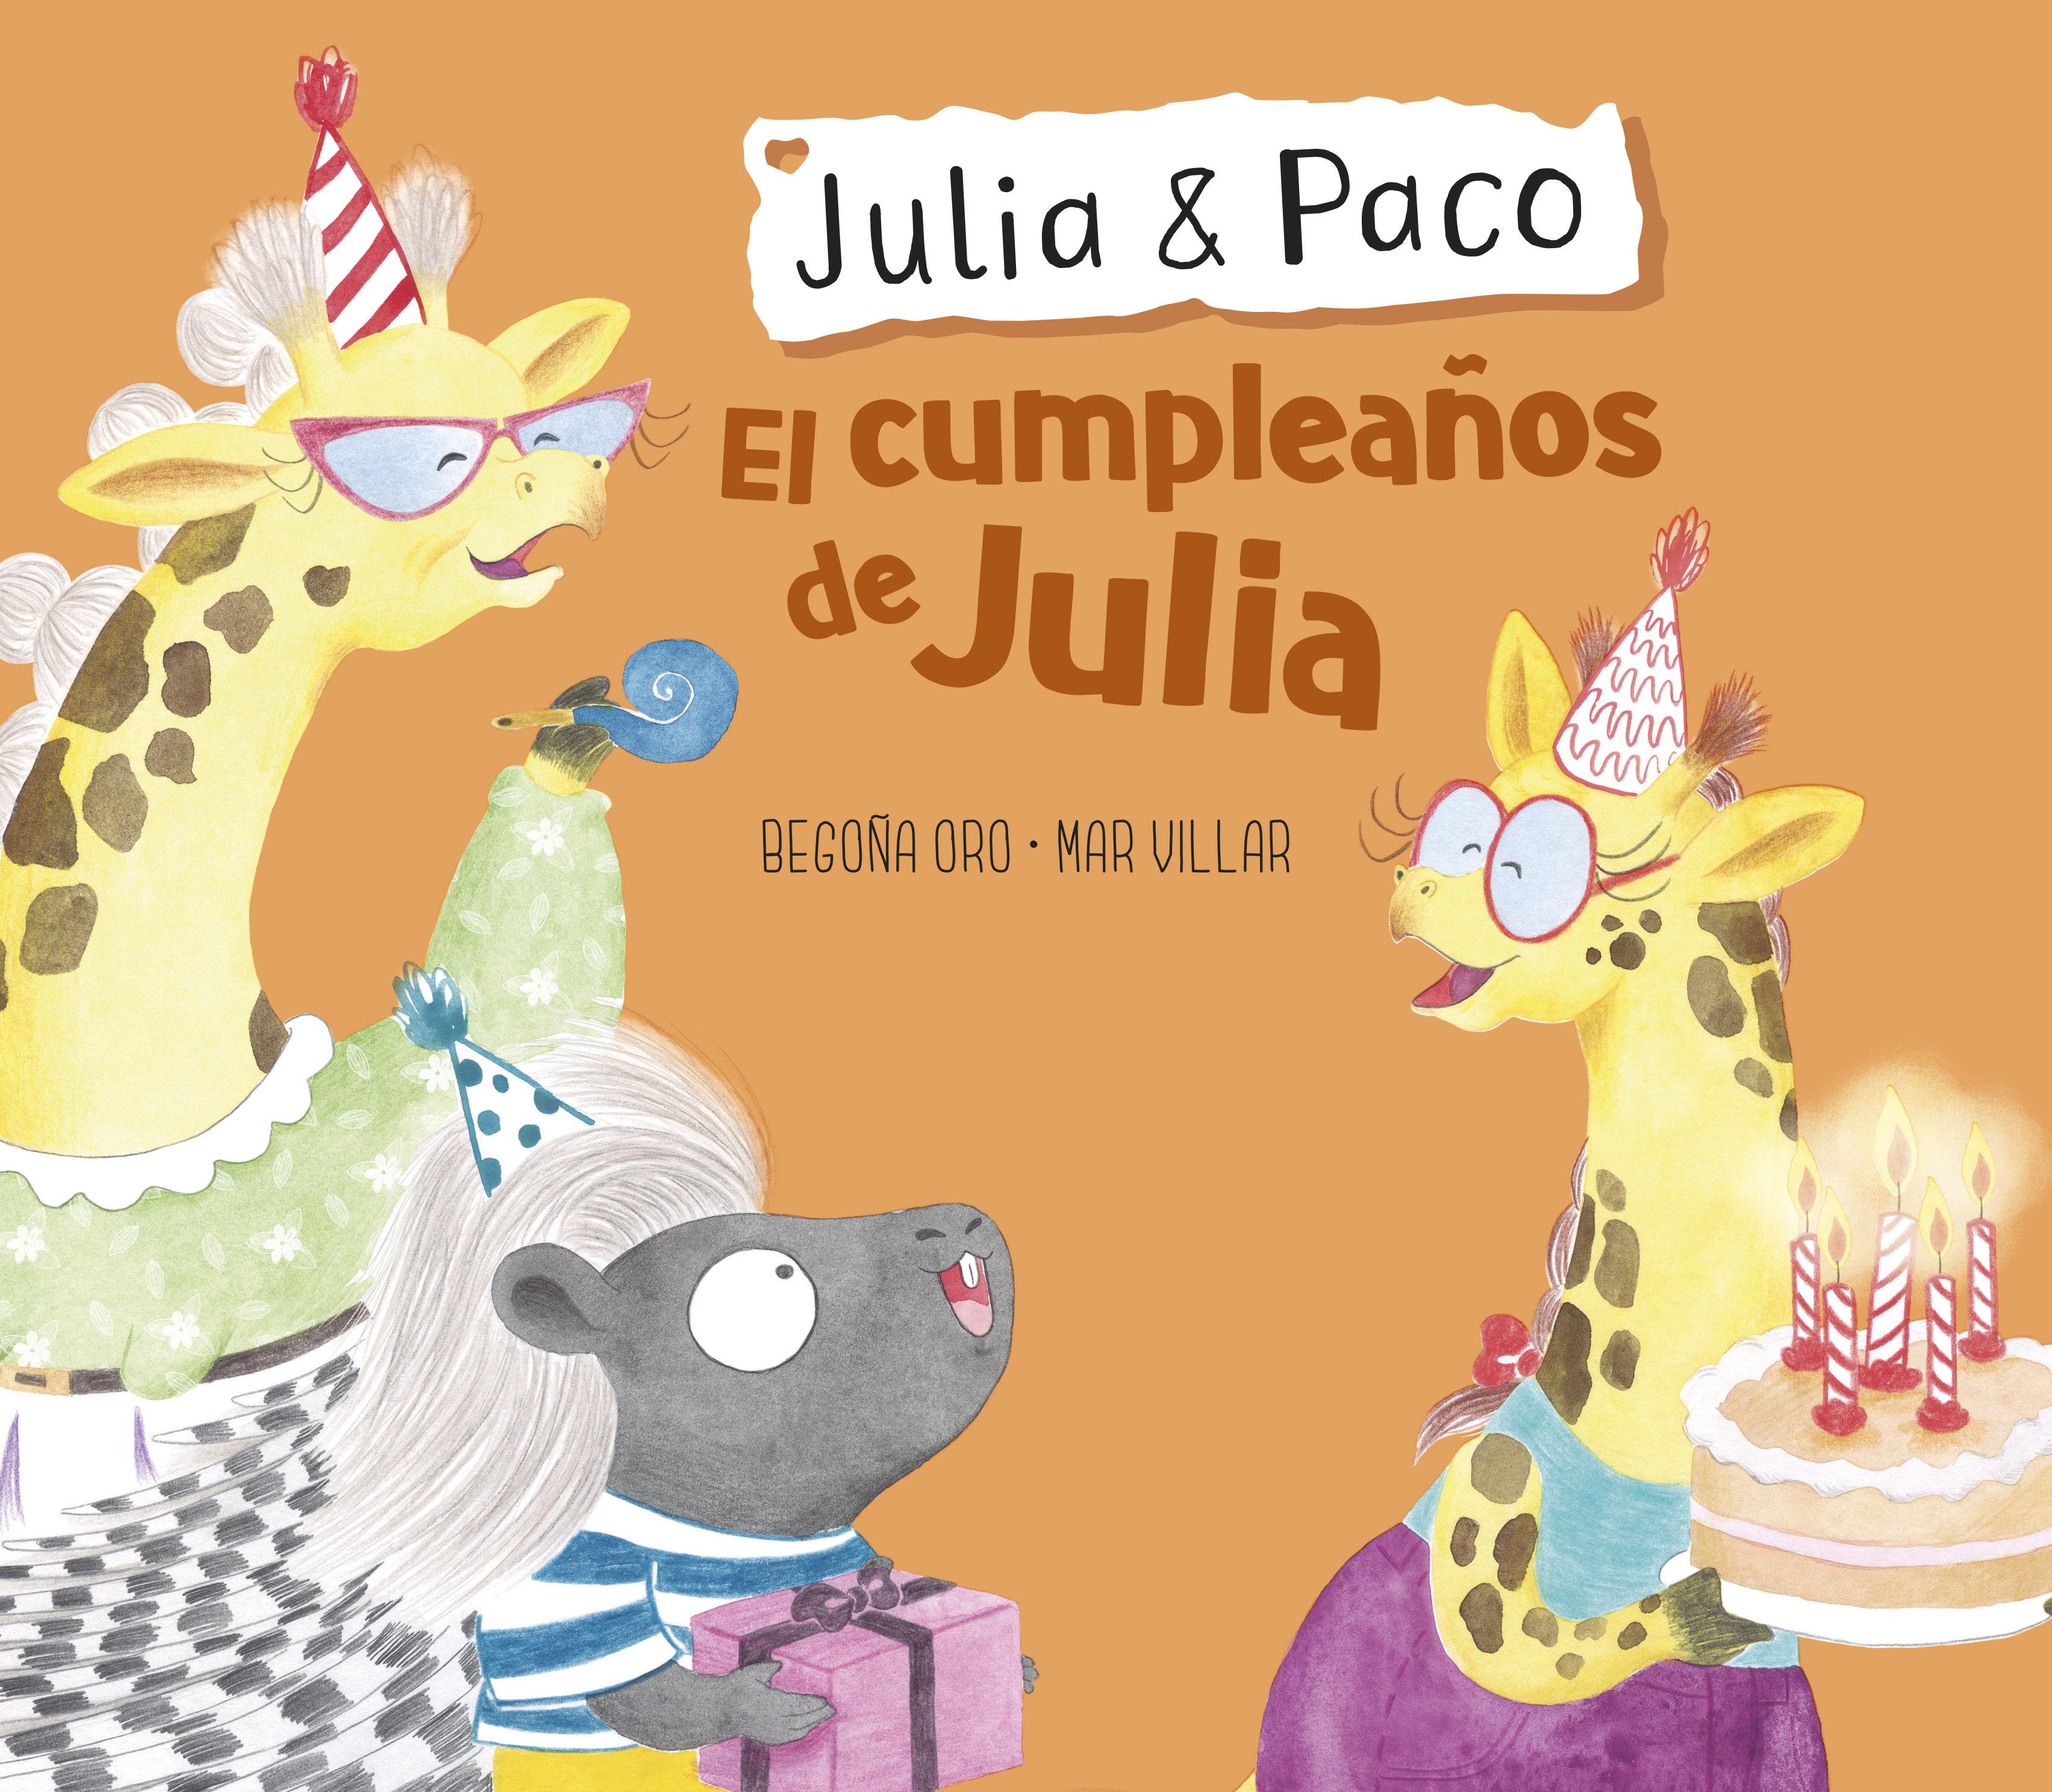 JULIA Y PACO CUMPLEAÑOS DE JULIA EL